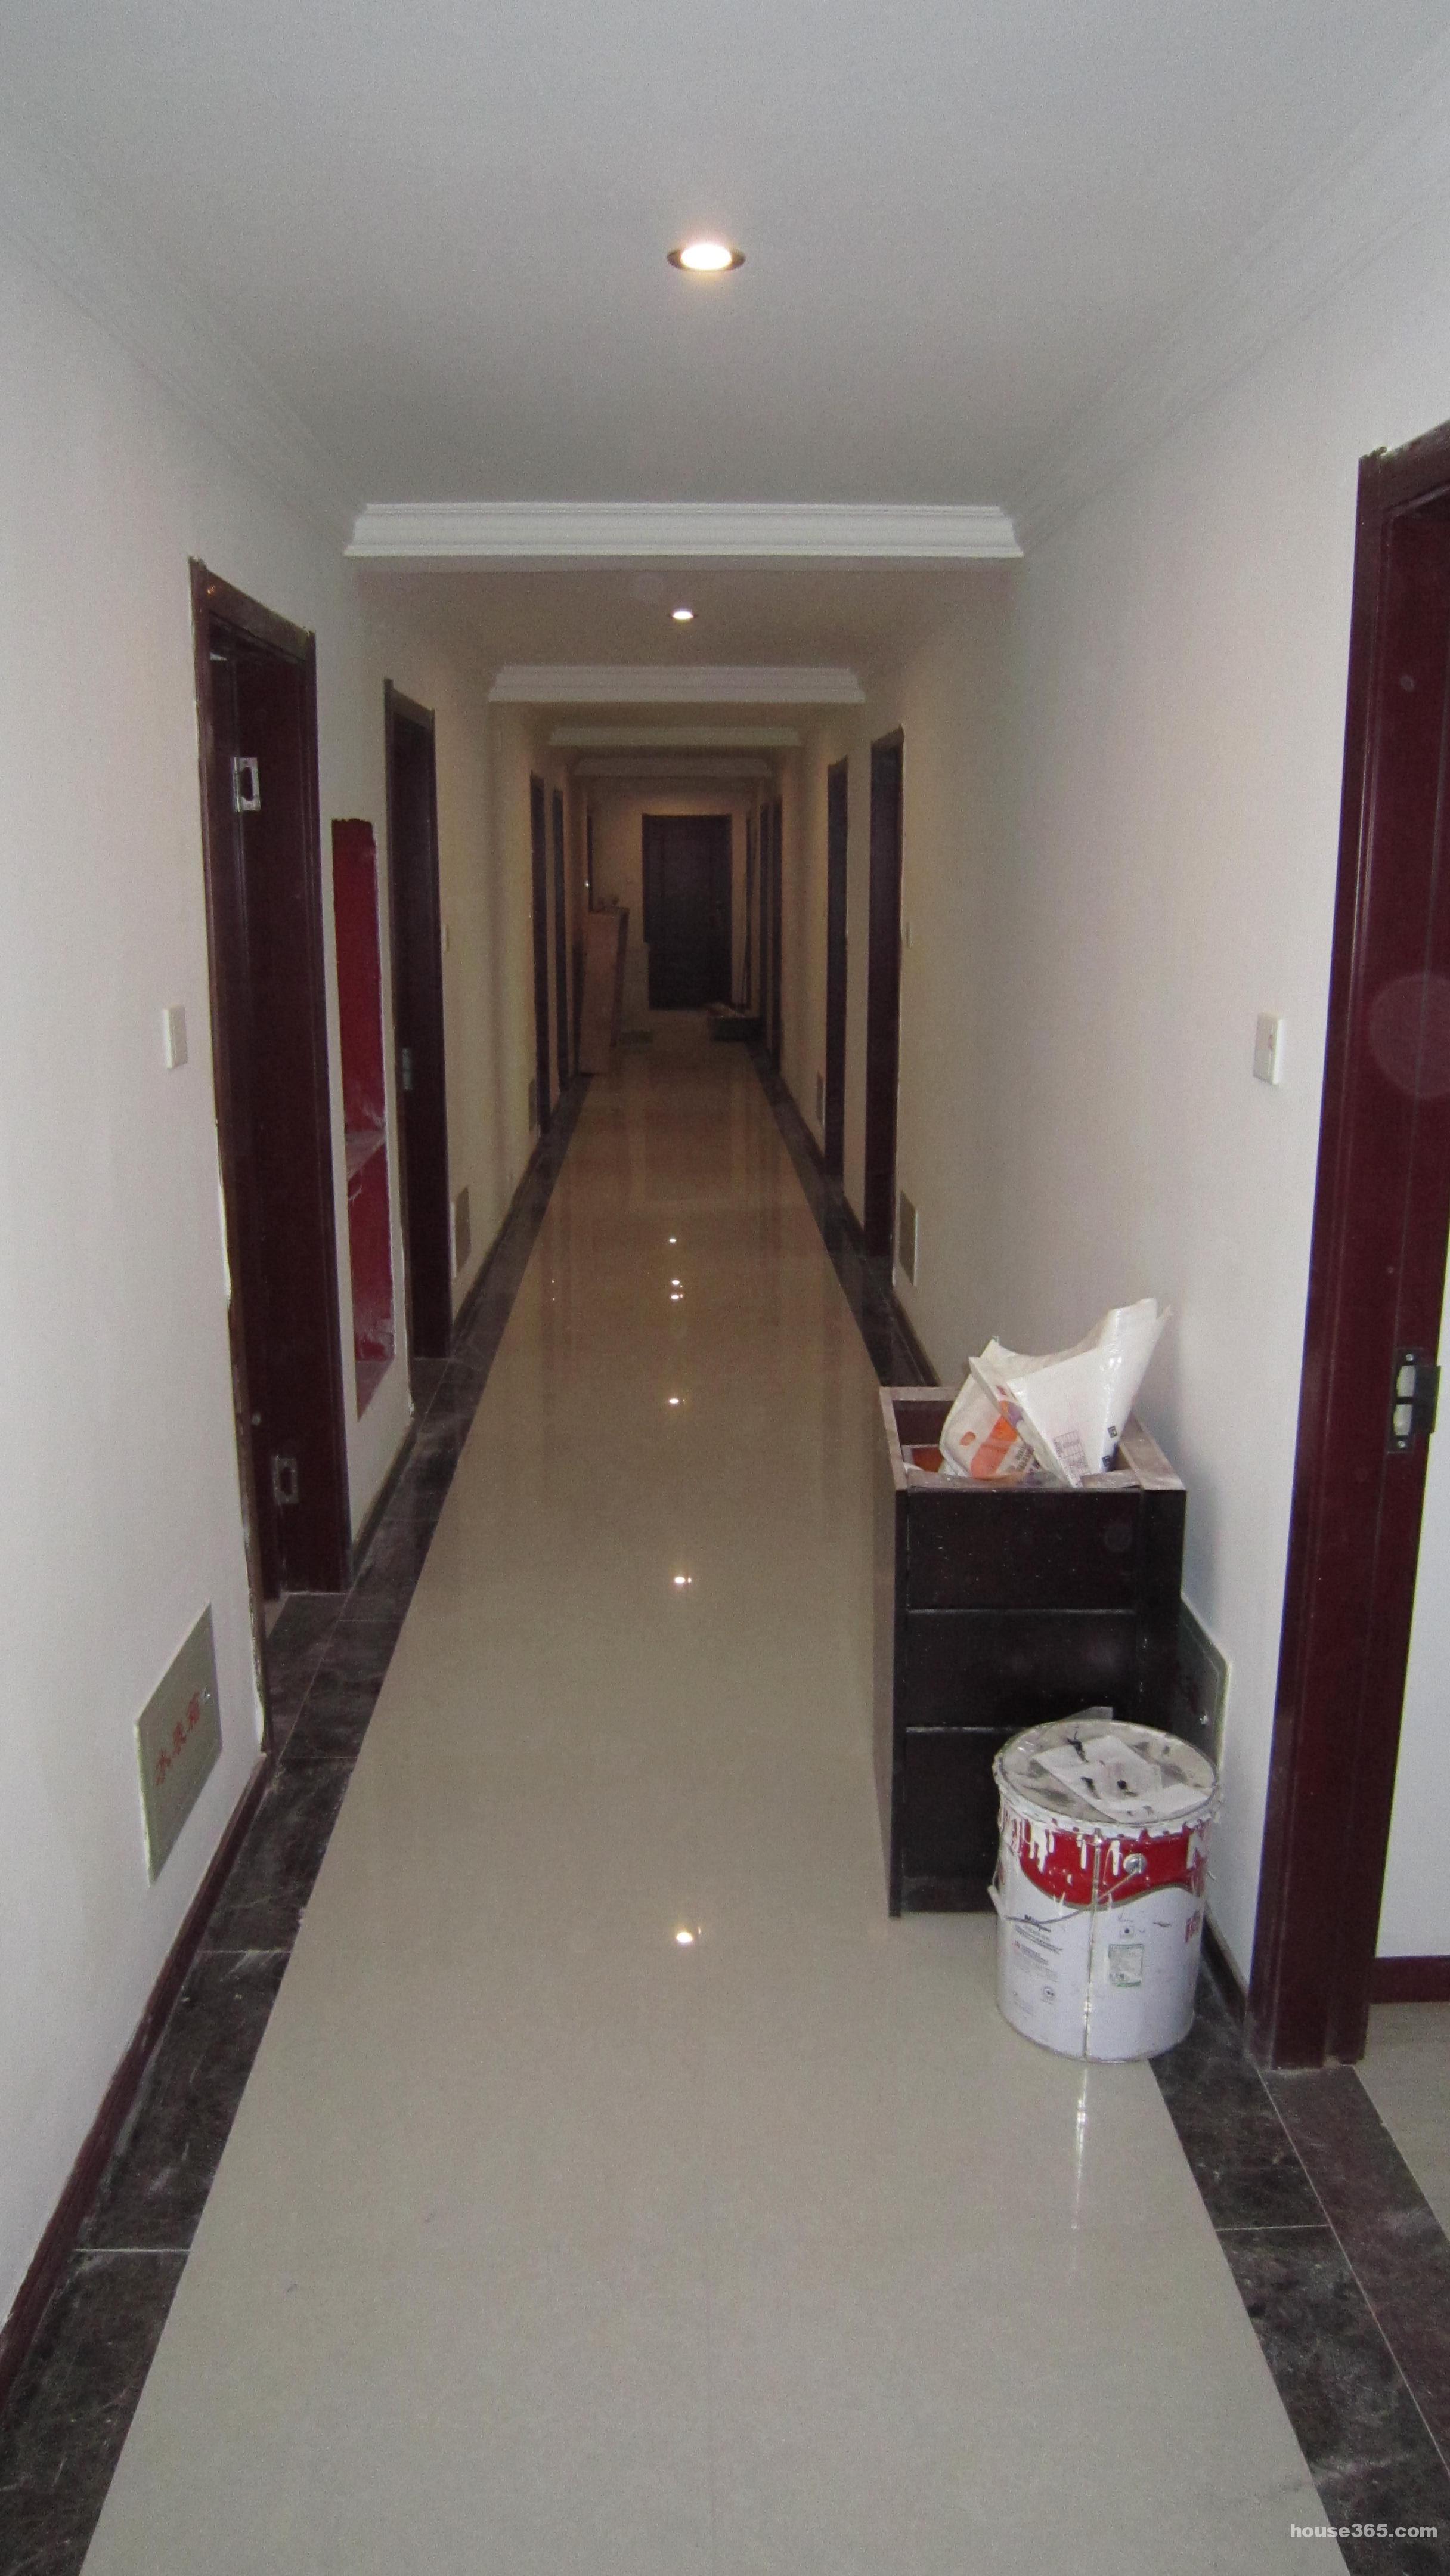 朗诗假日酒店,全新酒店式公寓,全新精装修,所有家具都是全新的,拎包即可入住,非常适合高素质的白领人士居住。公寓客房房门采用门禁系统,24小时值班,有电梯,安全,卫生。 公寓距离平江路步行街只有50米,距离观前街只有800米,步行几分钟即可达。门口即是公交站台:狮子林站,有301、305路公交车,可直达观前街、石路、新区、动物园等地,门口还有苏州公共自行车,骑车几分钟即可到地铁一号线临顿路站; 近平江路步行街、狮子林、拙政园、观前街,周边有大量超市,饭店,居住生活非常方便; 公寓数量有限,先到先得,半年起租